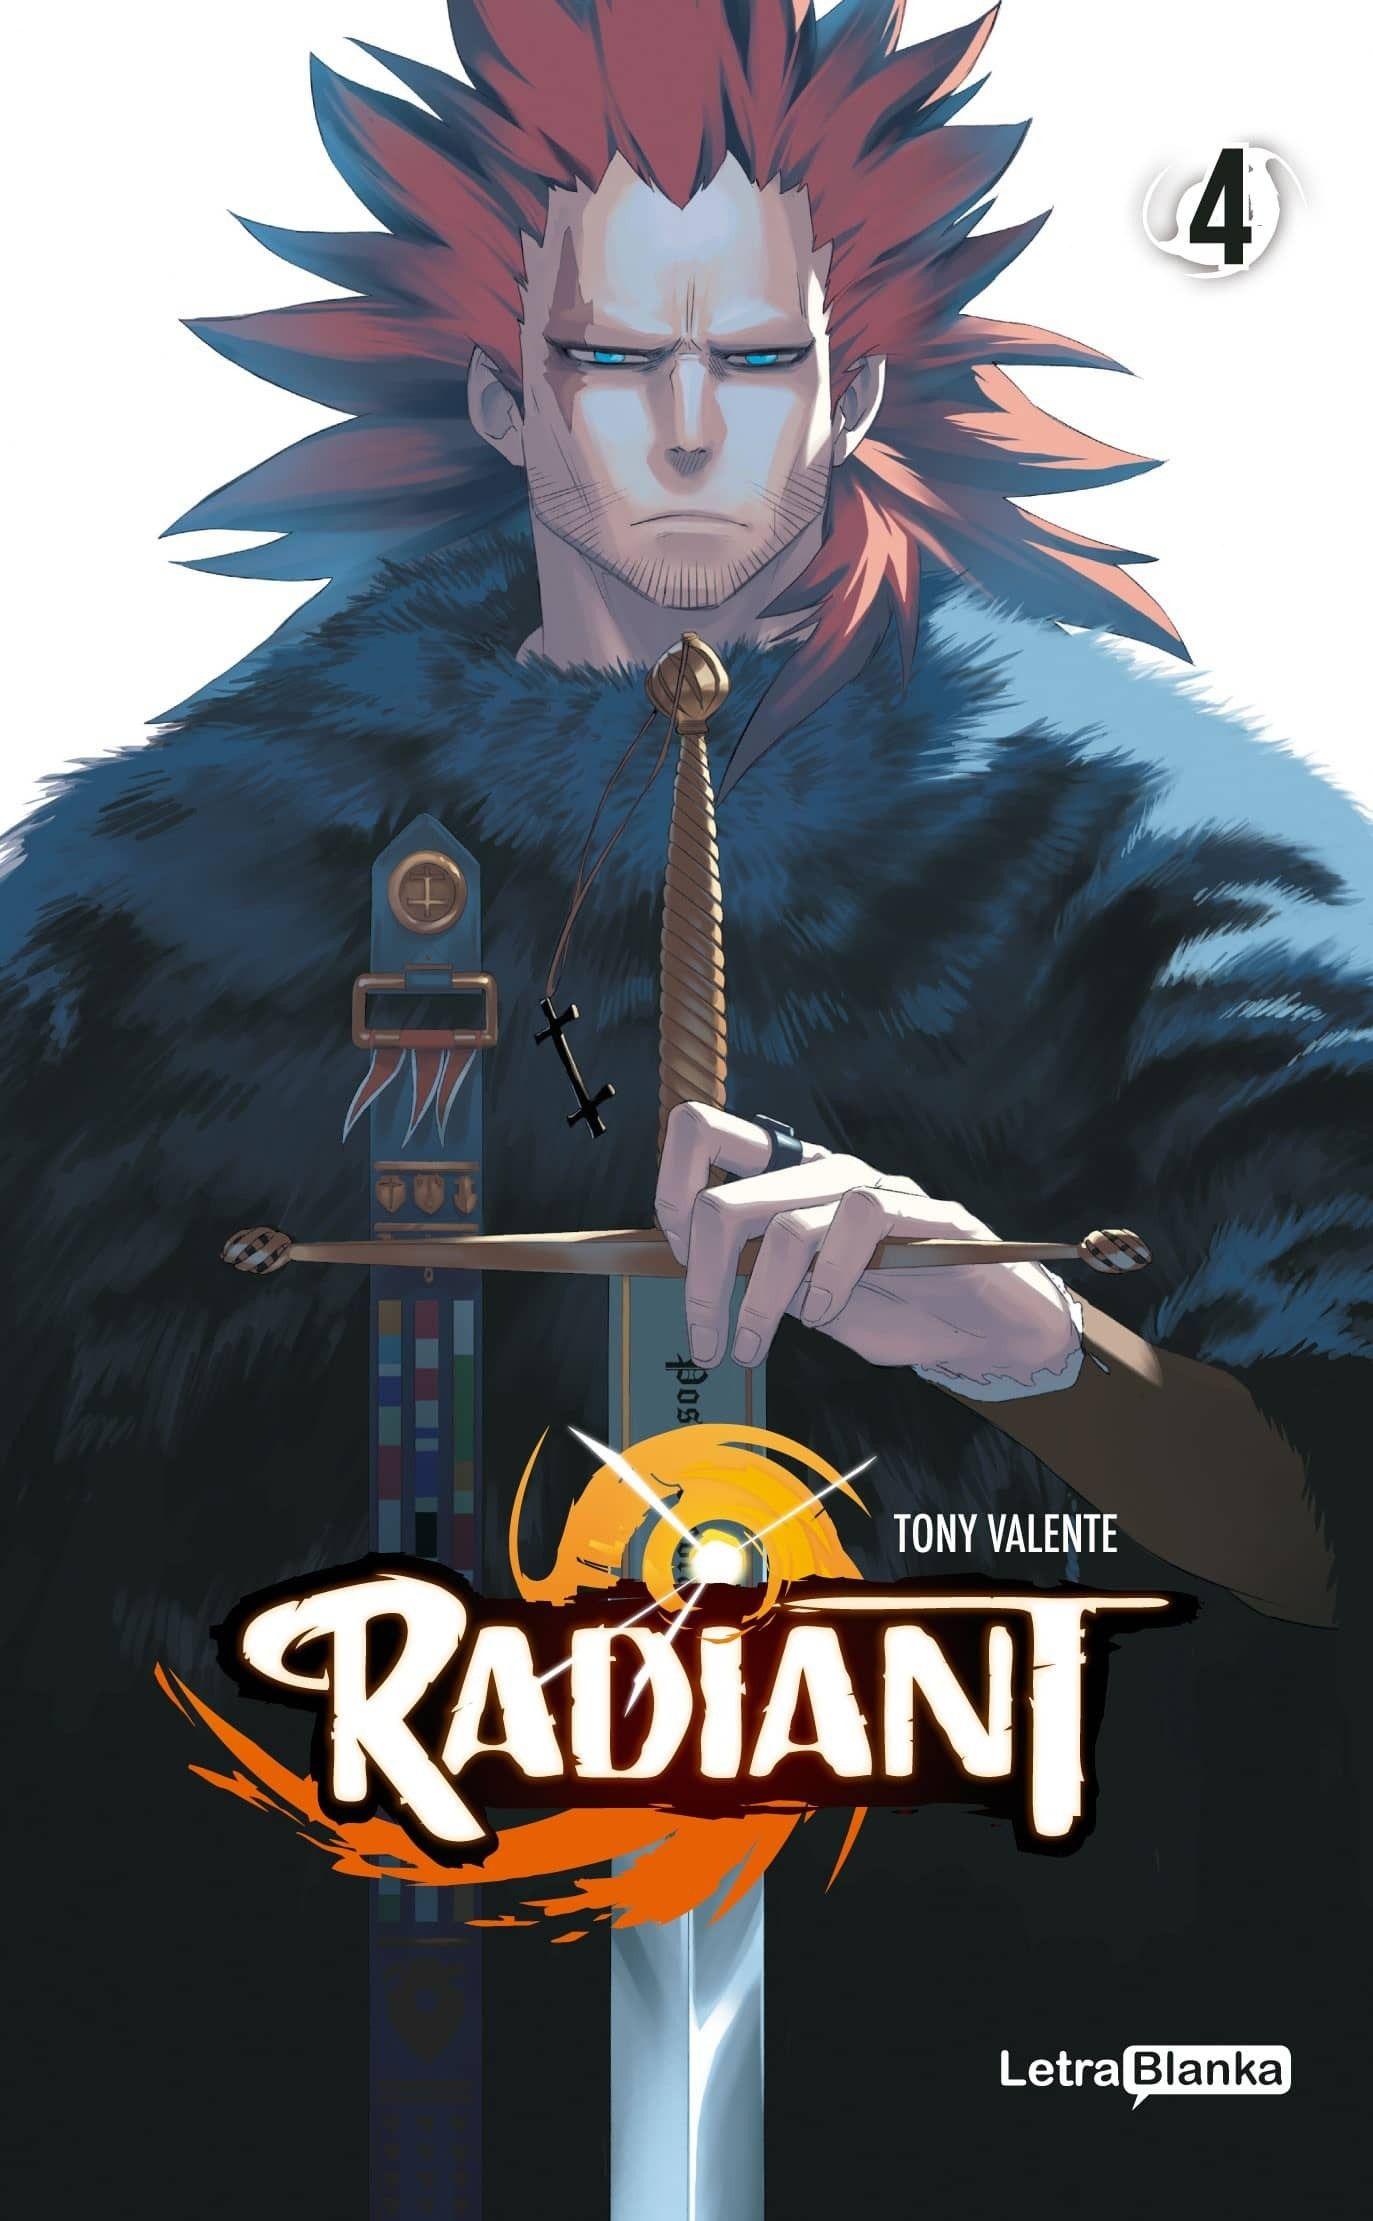 Torque Radiant Volume 4 radiant anime manga